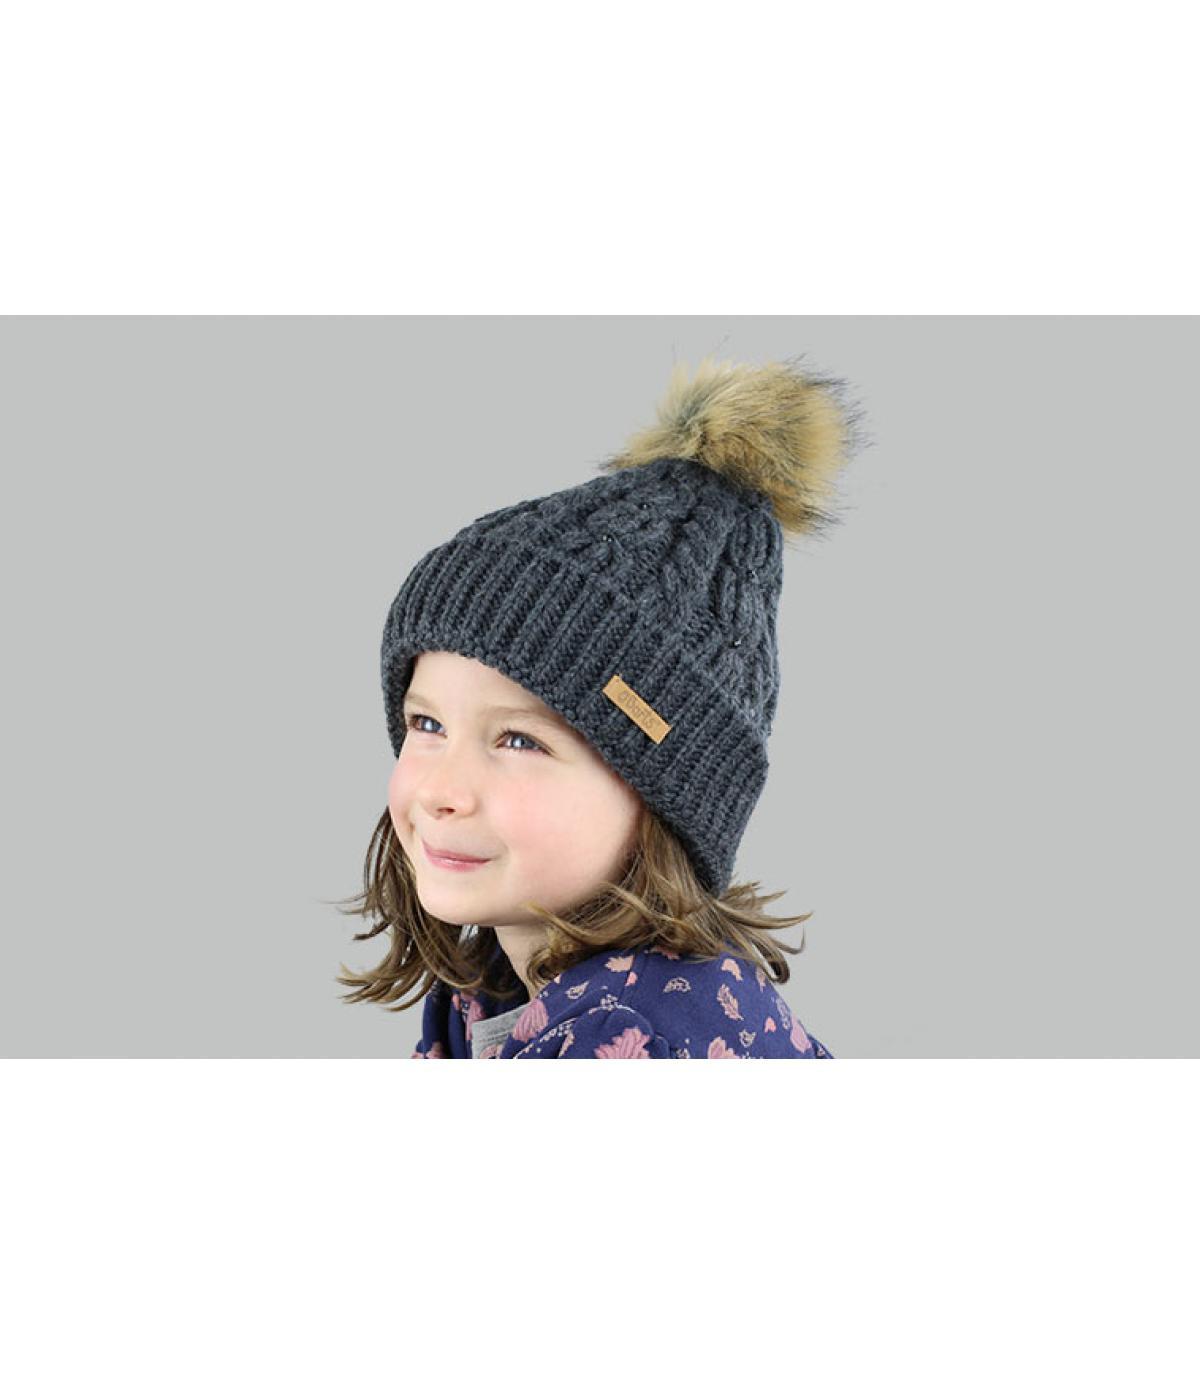 cappello grigio nappa ragazza